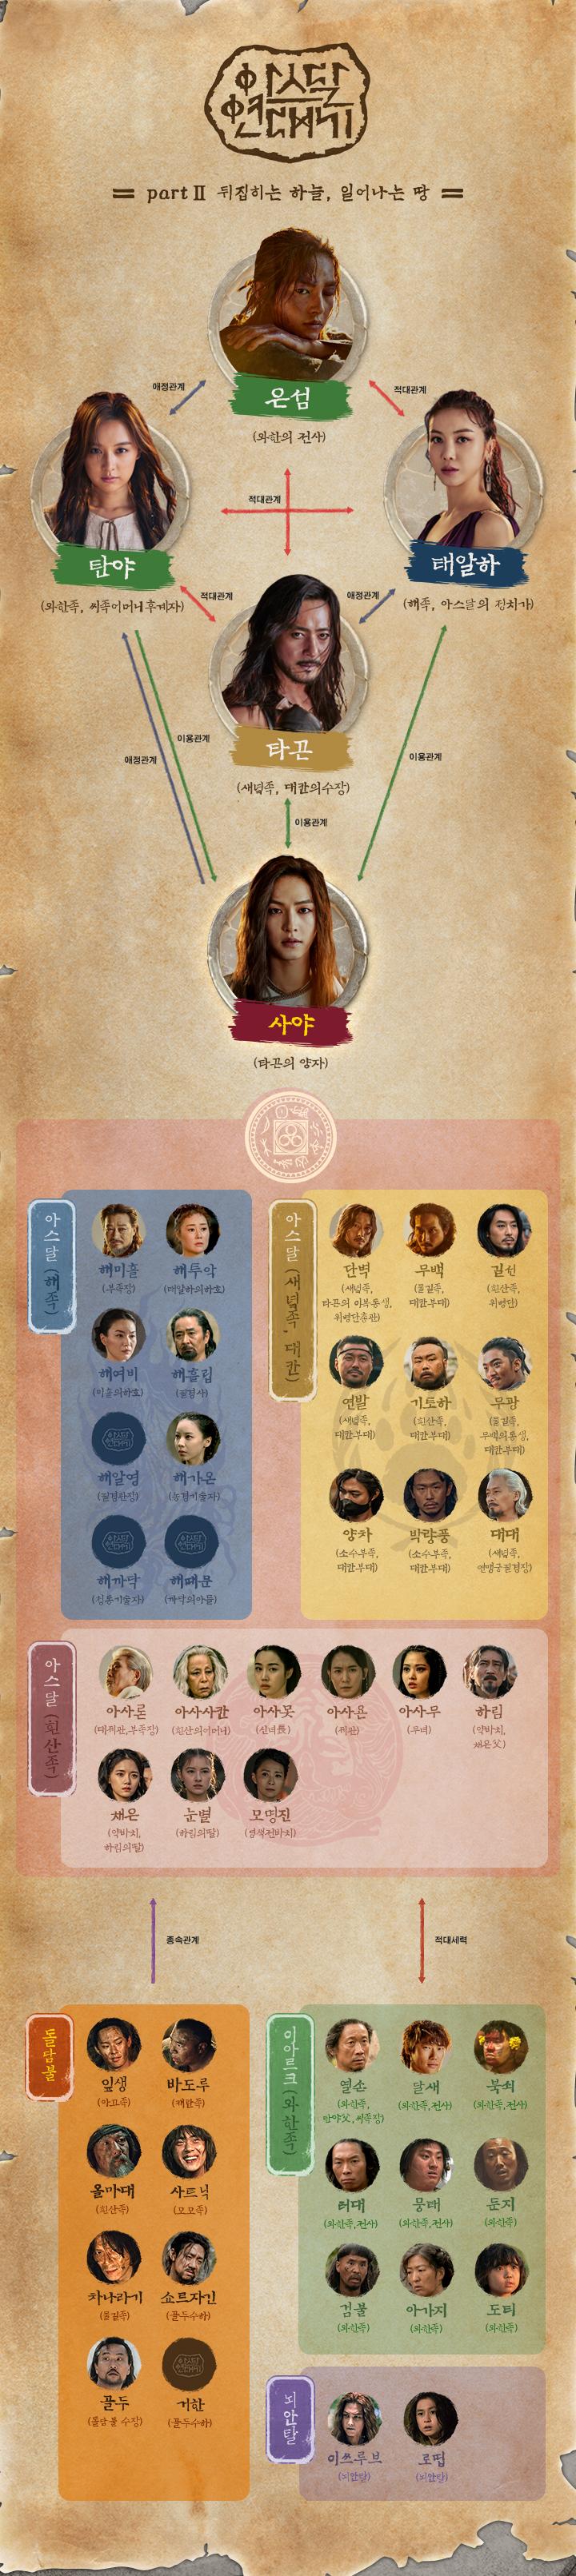 tvN'아스달 연대기' 홈페이지 인물관계도 사진캡처